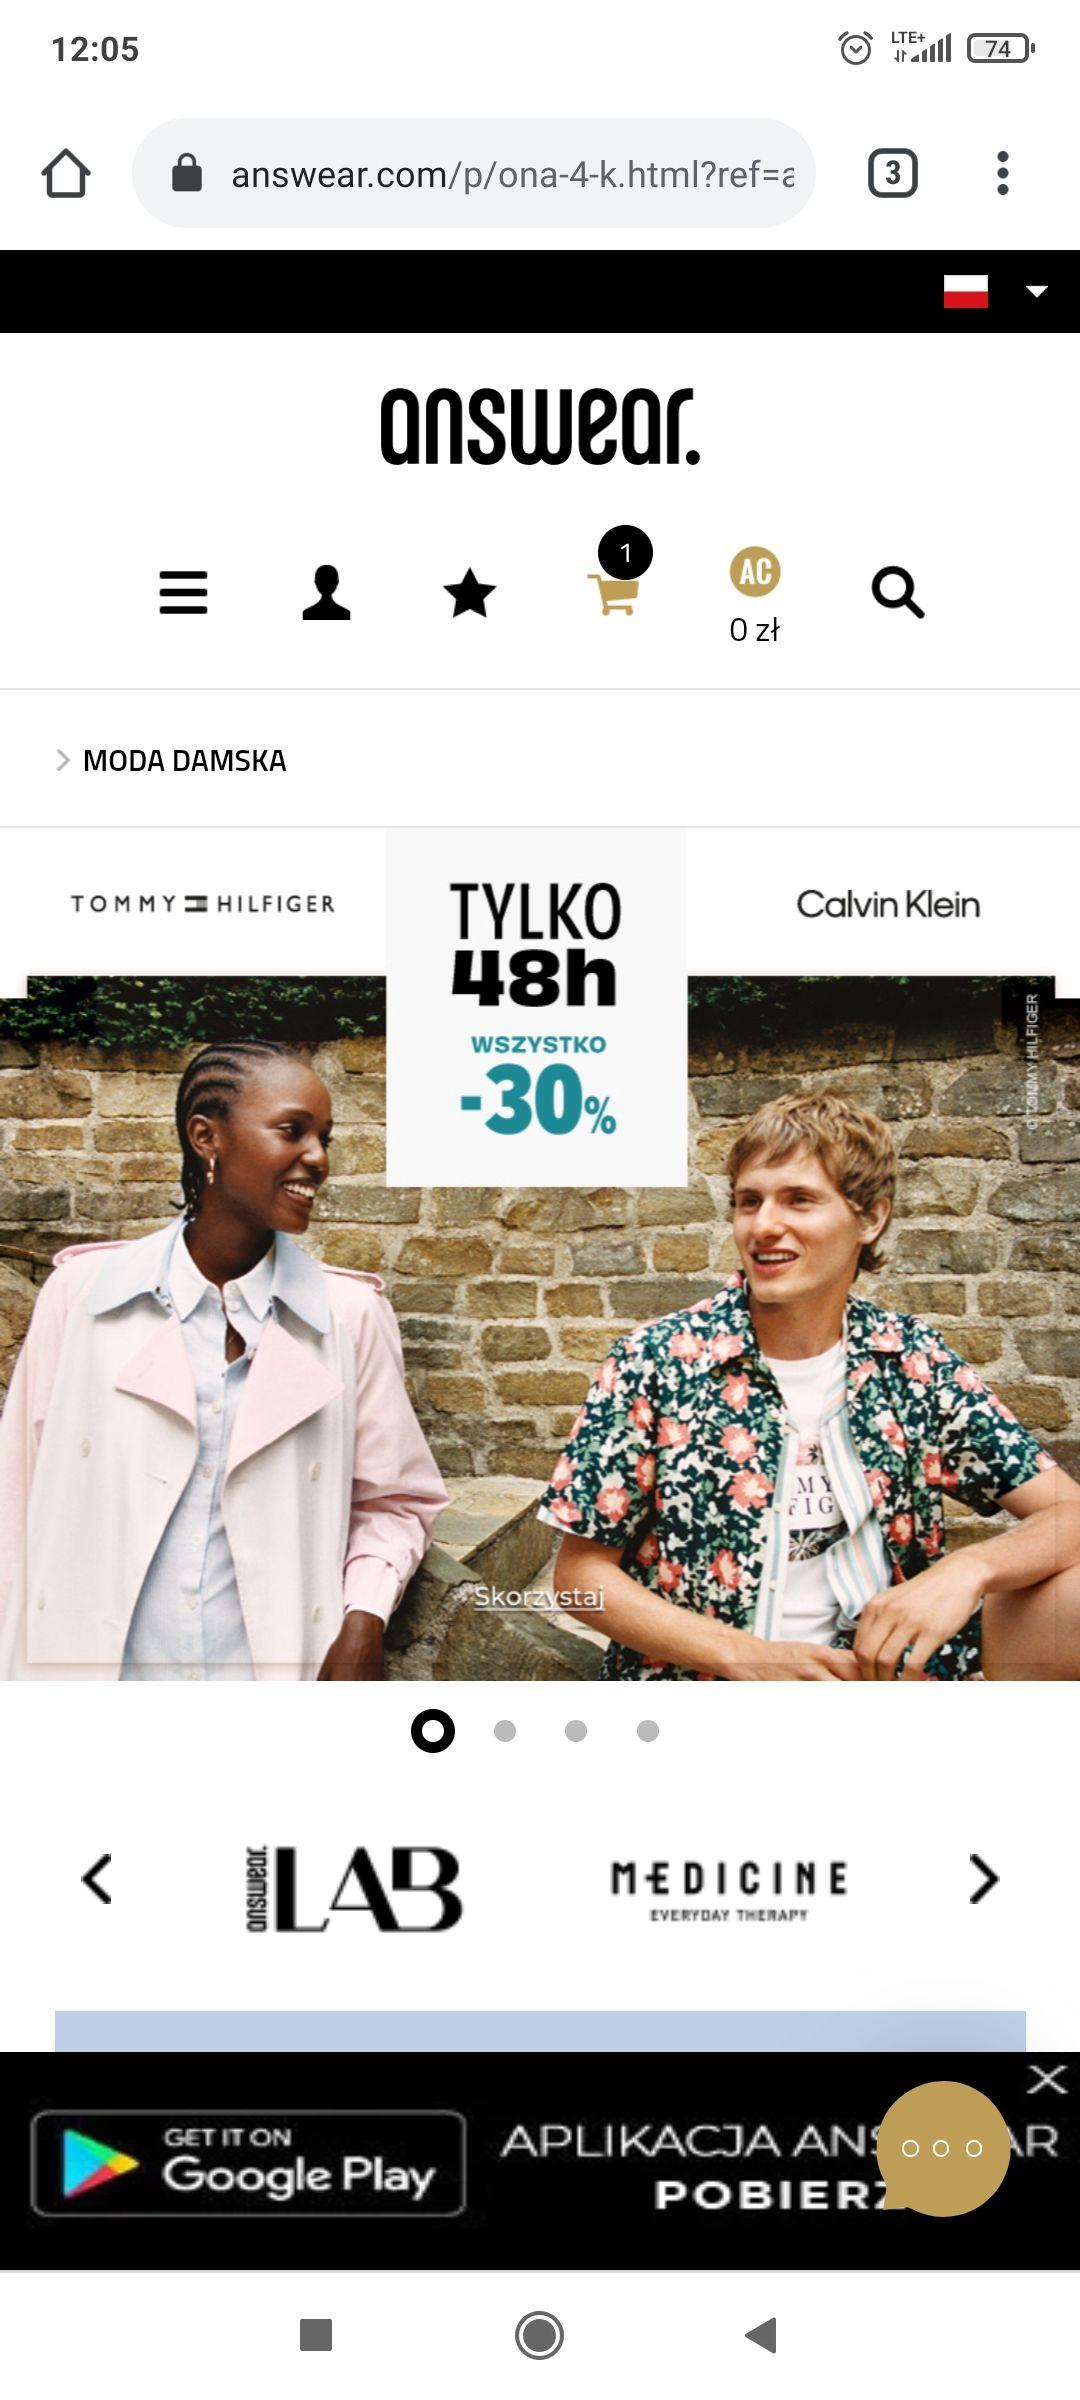 -30% na wszystko marek Tommy Hilfiger i Calvin Klein w Answear